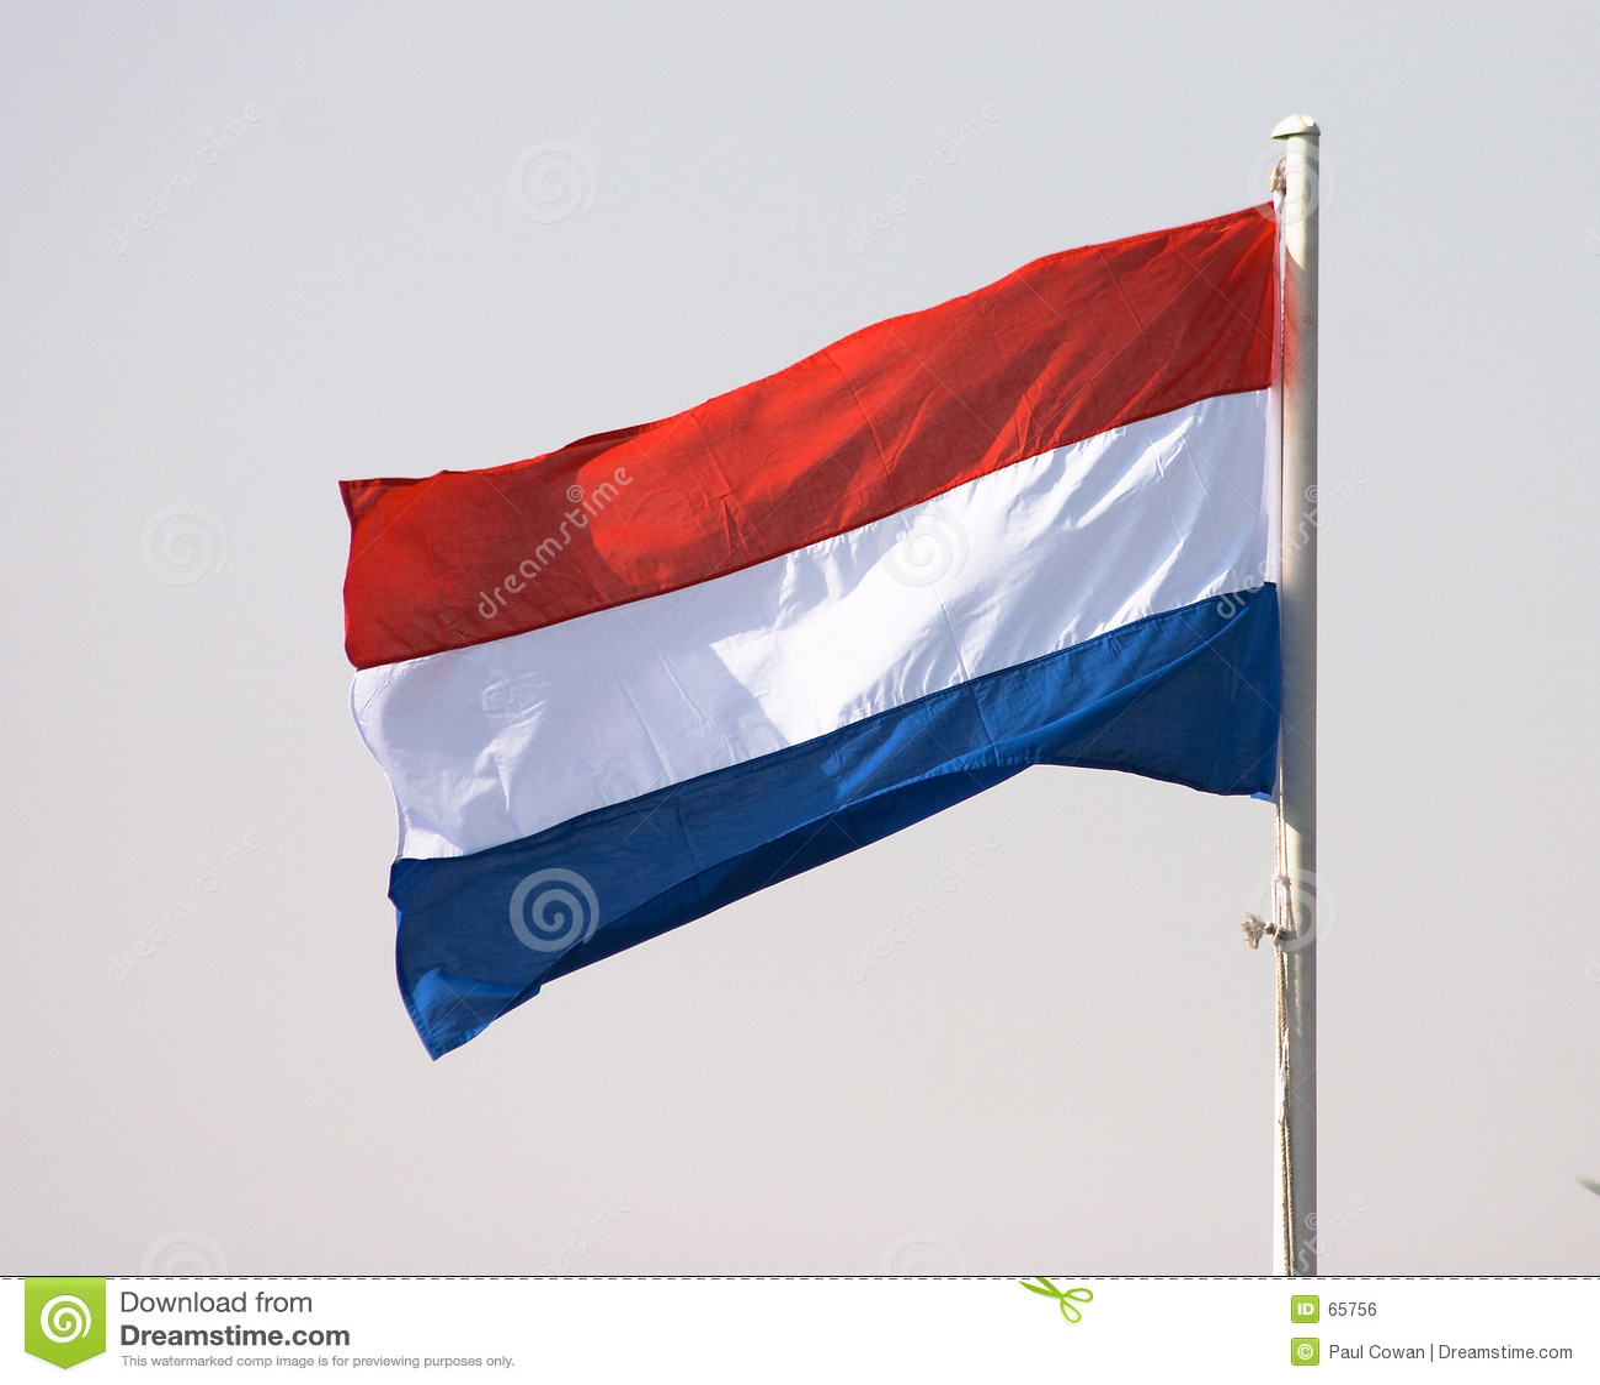 Holländische Markierungsfahne